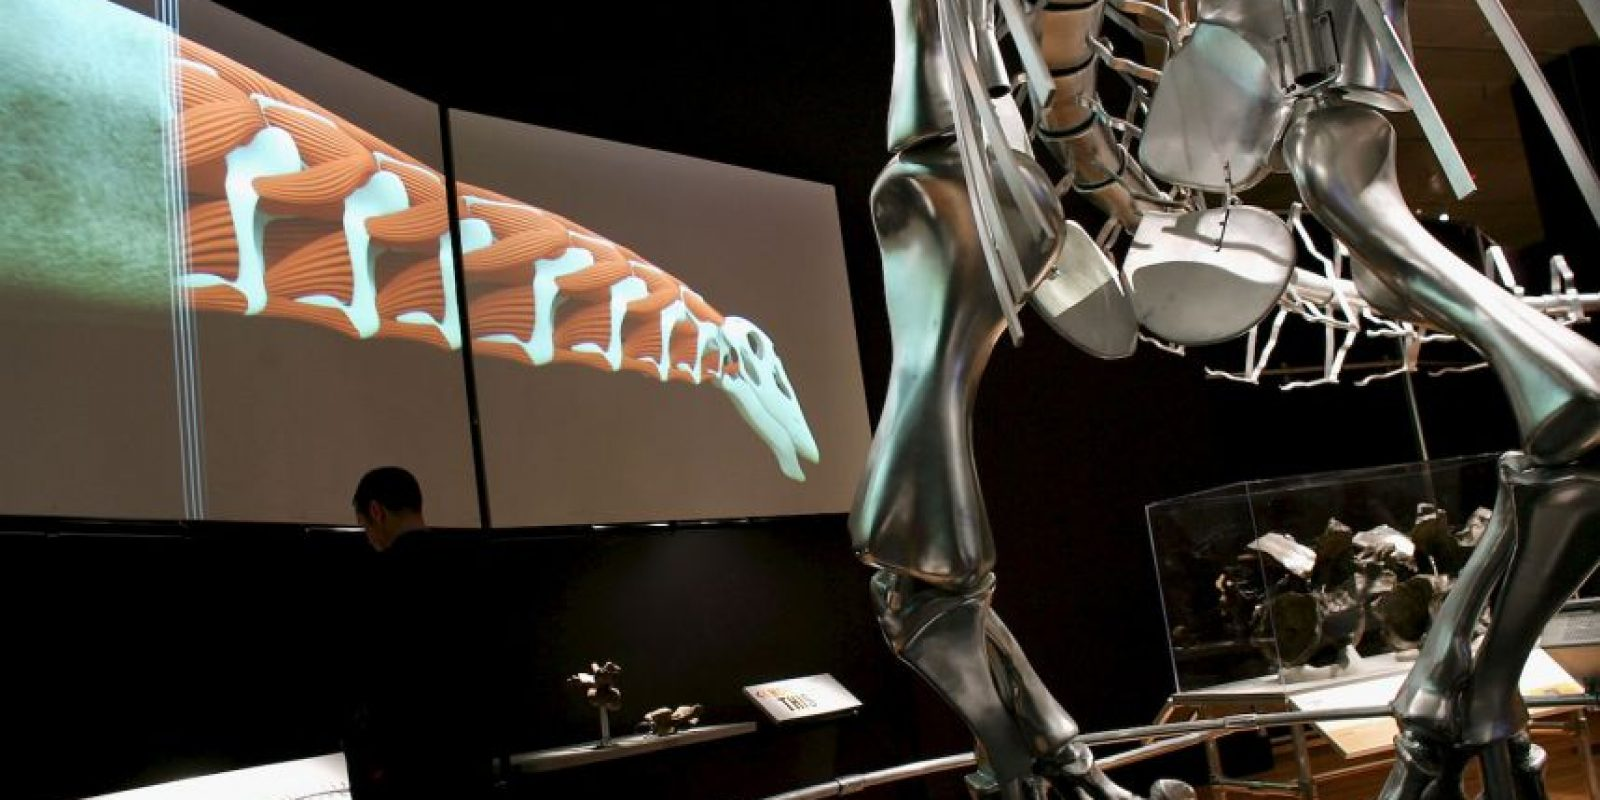 El brontosaurio aparece de una manera o de otra en todo tipo de películas, libros y otras obras. Foto:GETTY